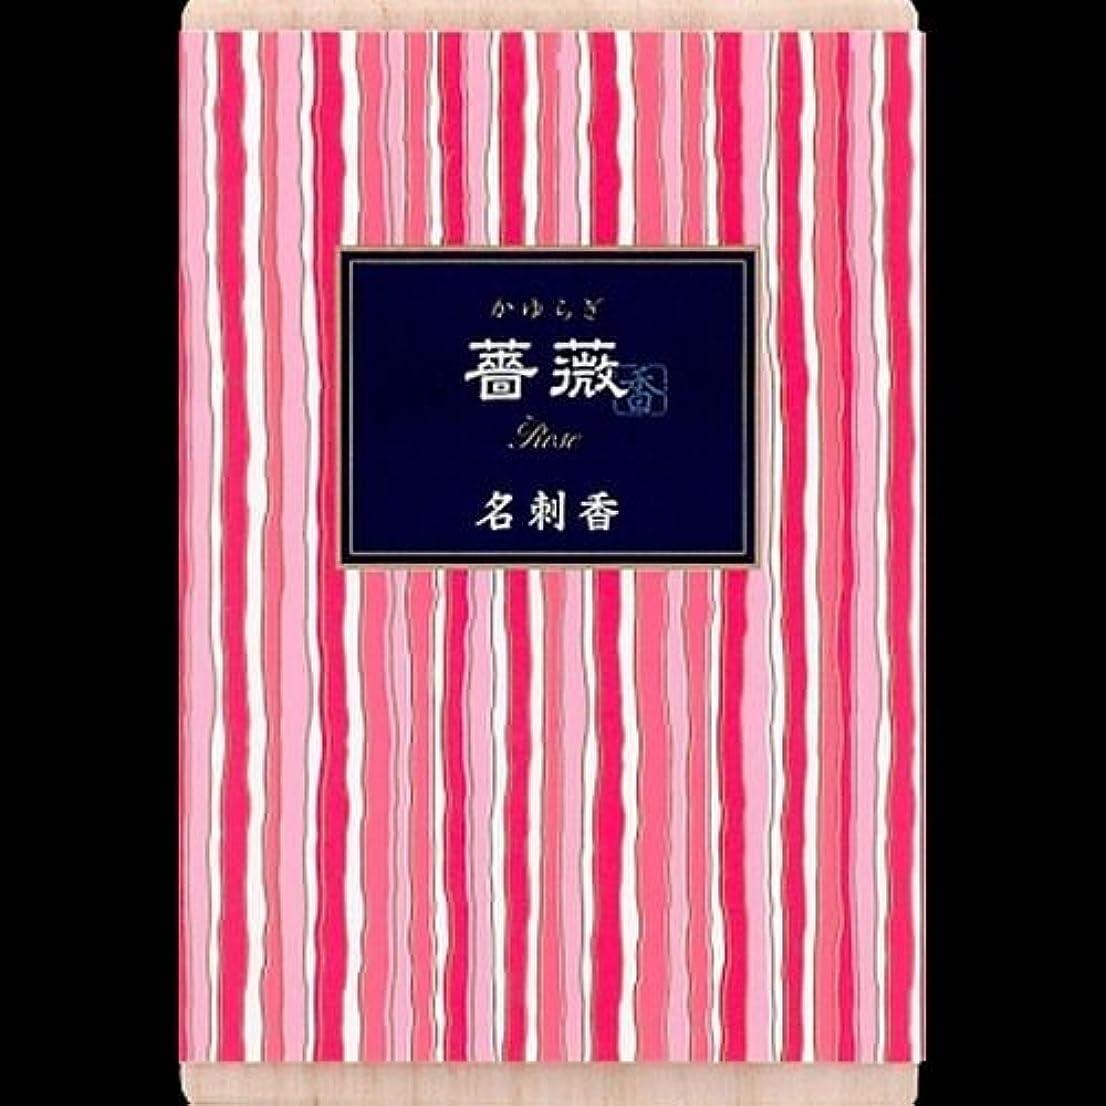 失う六脚【まとめ買い】かゆらぎ 薔薇 名刺香 桐箱 6入 ×2セット